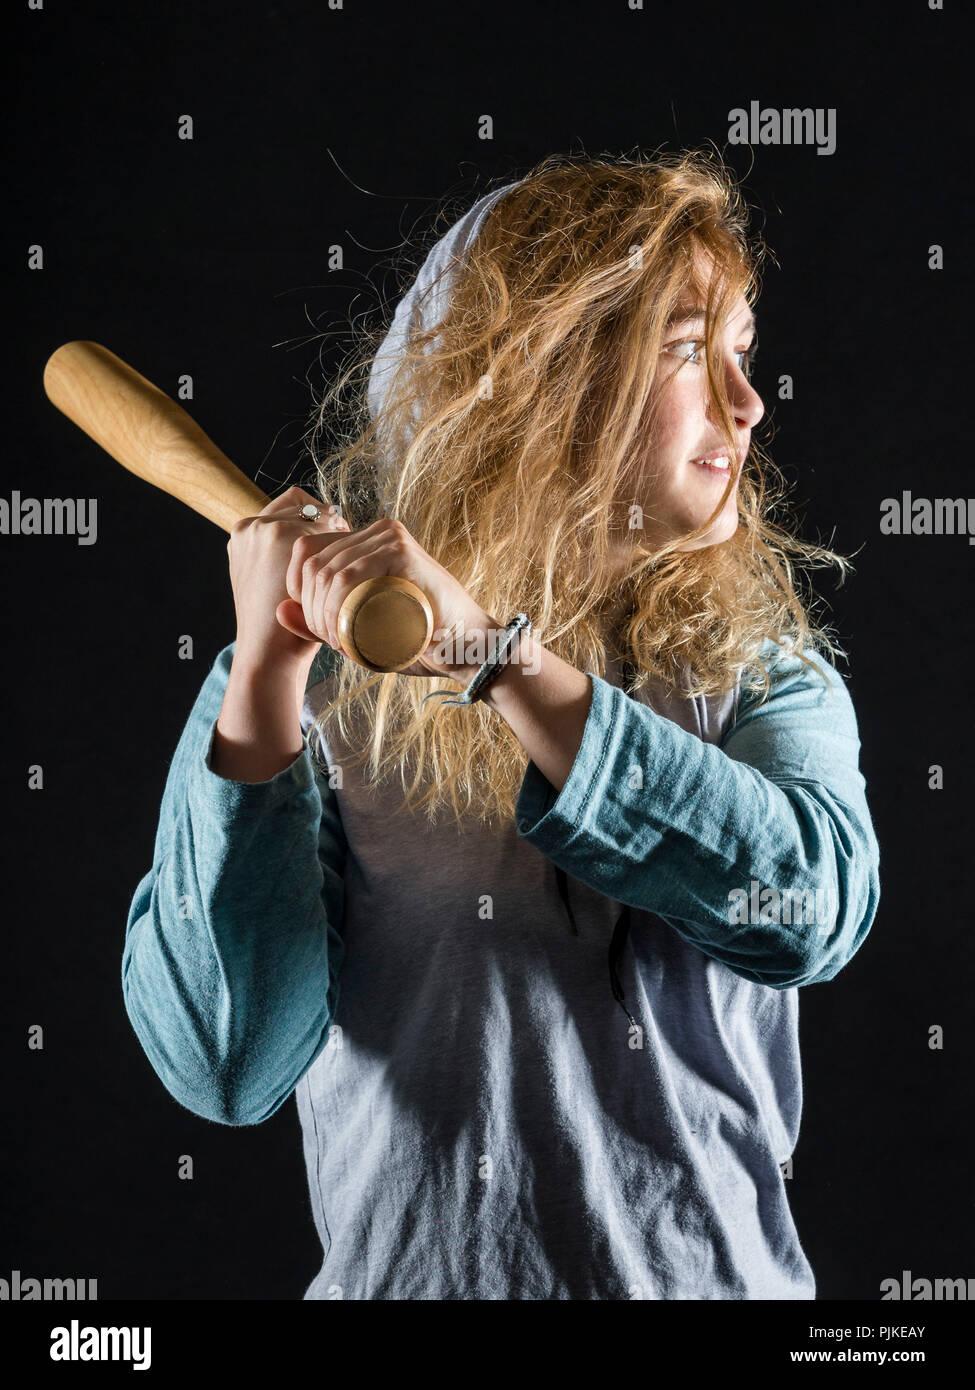 Mujer, 21 años, Retrato con el bate de béisbol, Foto de Estudio, Foto de stock